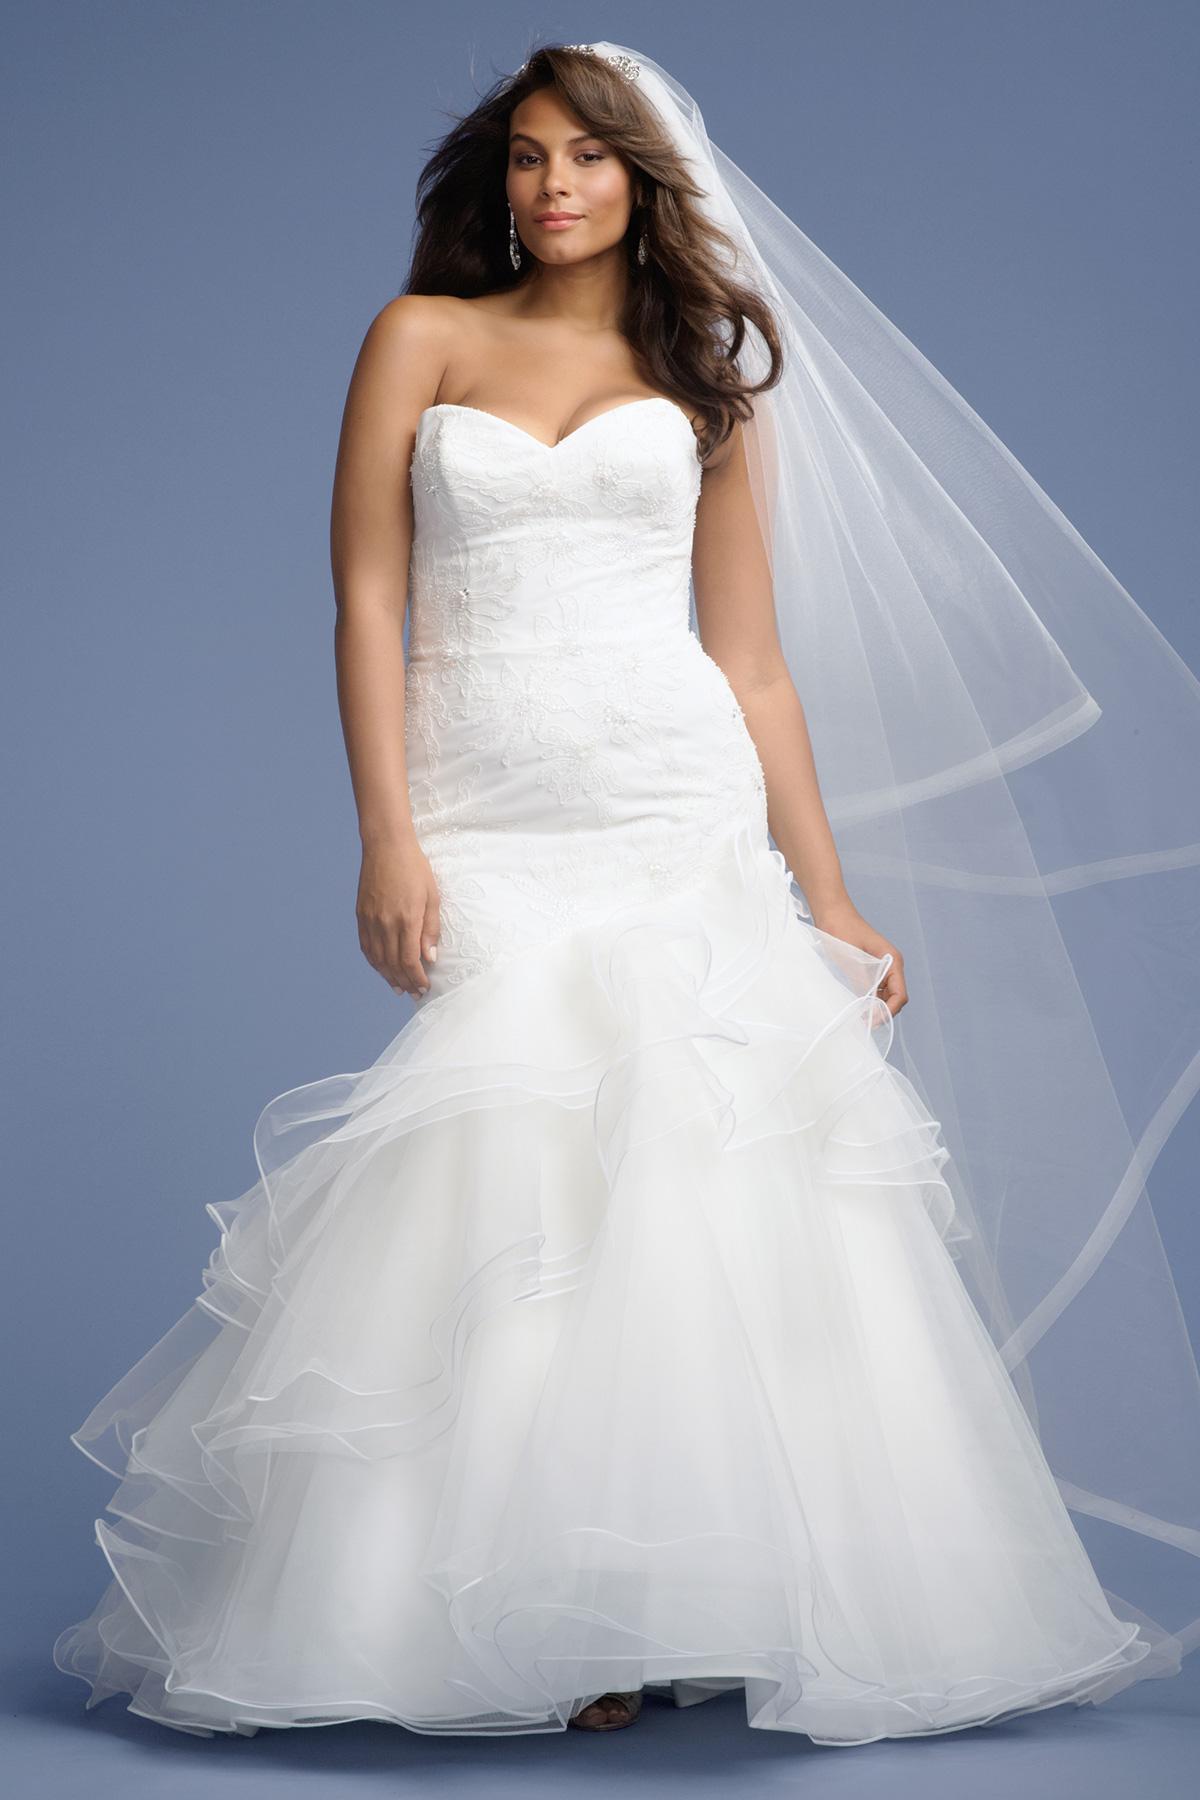 Fullsize Of Wedding Dresses For Plus Size